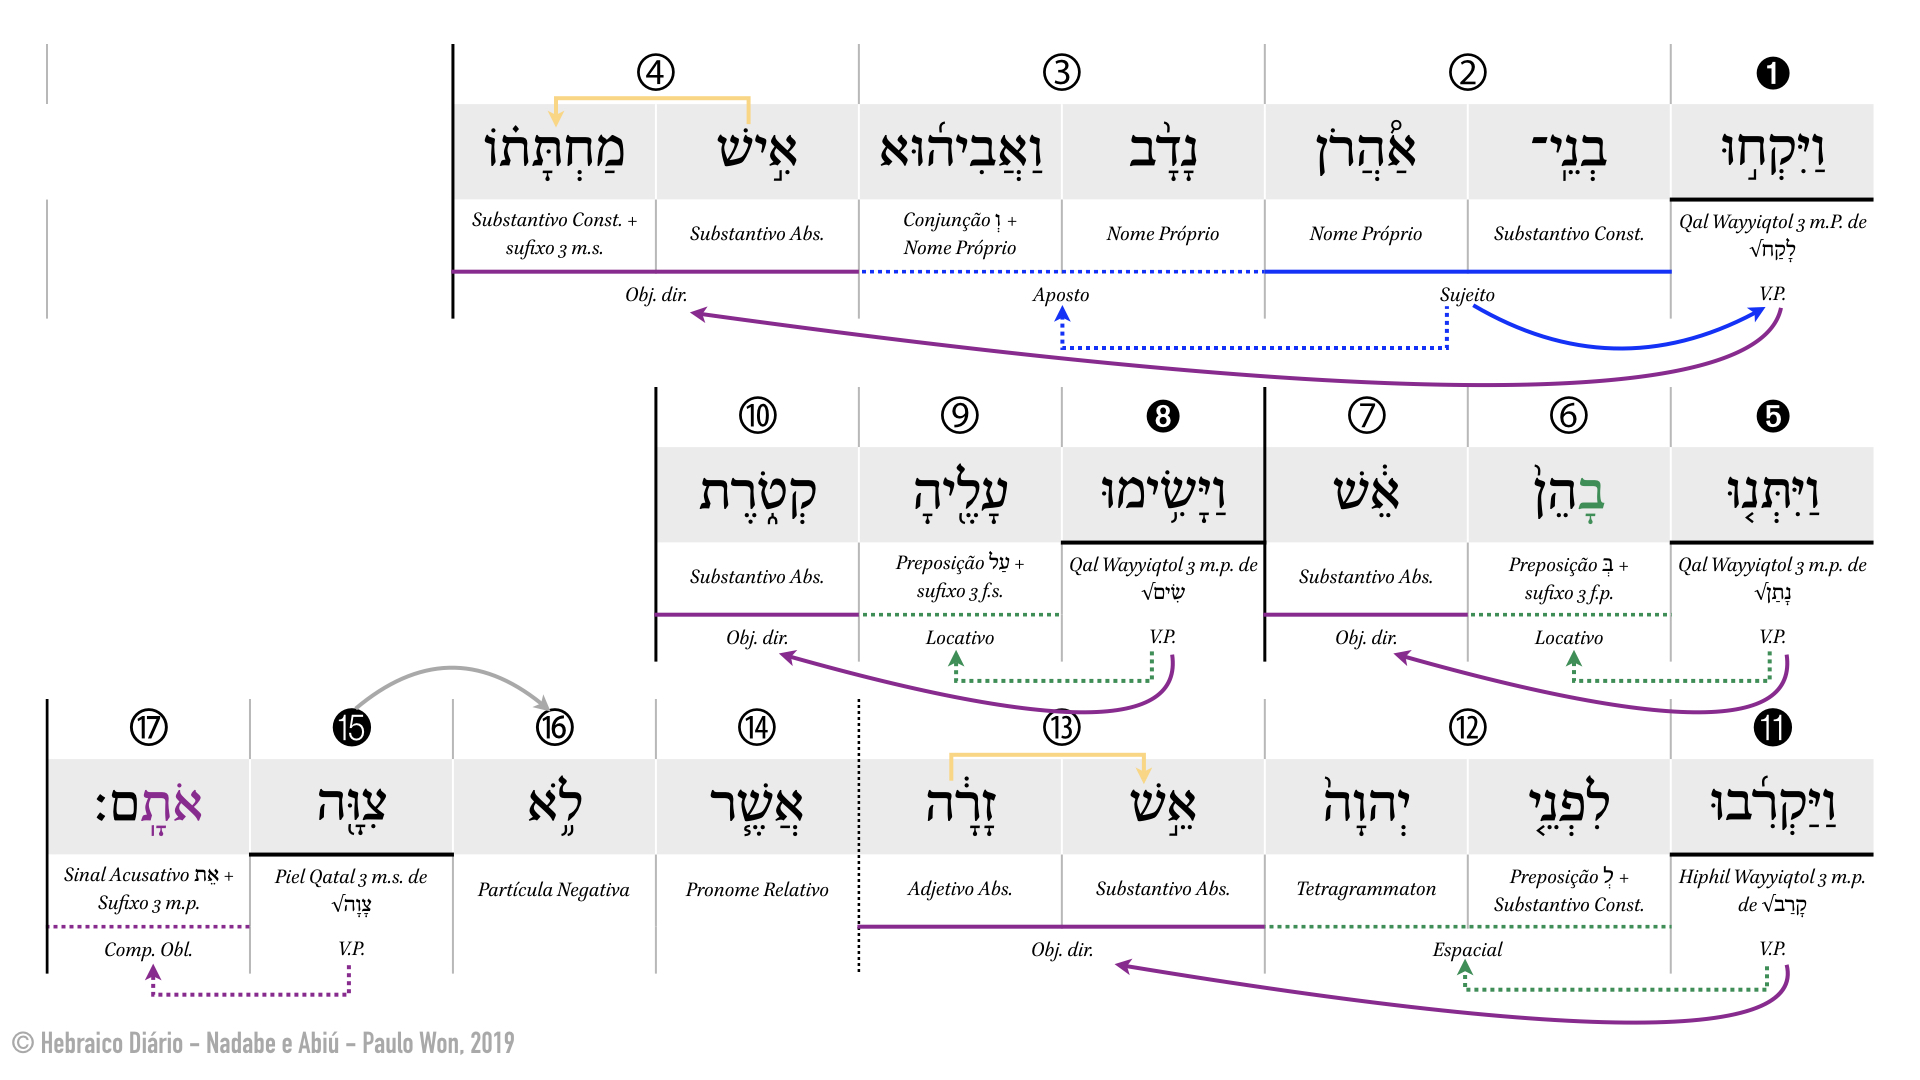 Nadabe e Abiú ⎢ 1. Fogo não-autorizado (Lv 10.1) ⎢ Hebraico Diário.001.jpeg